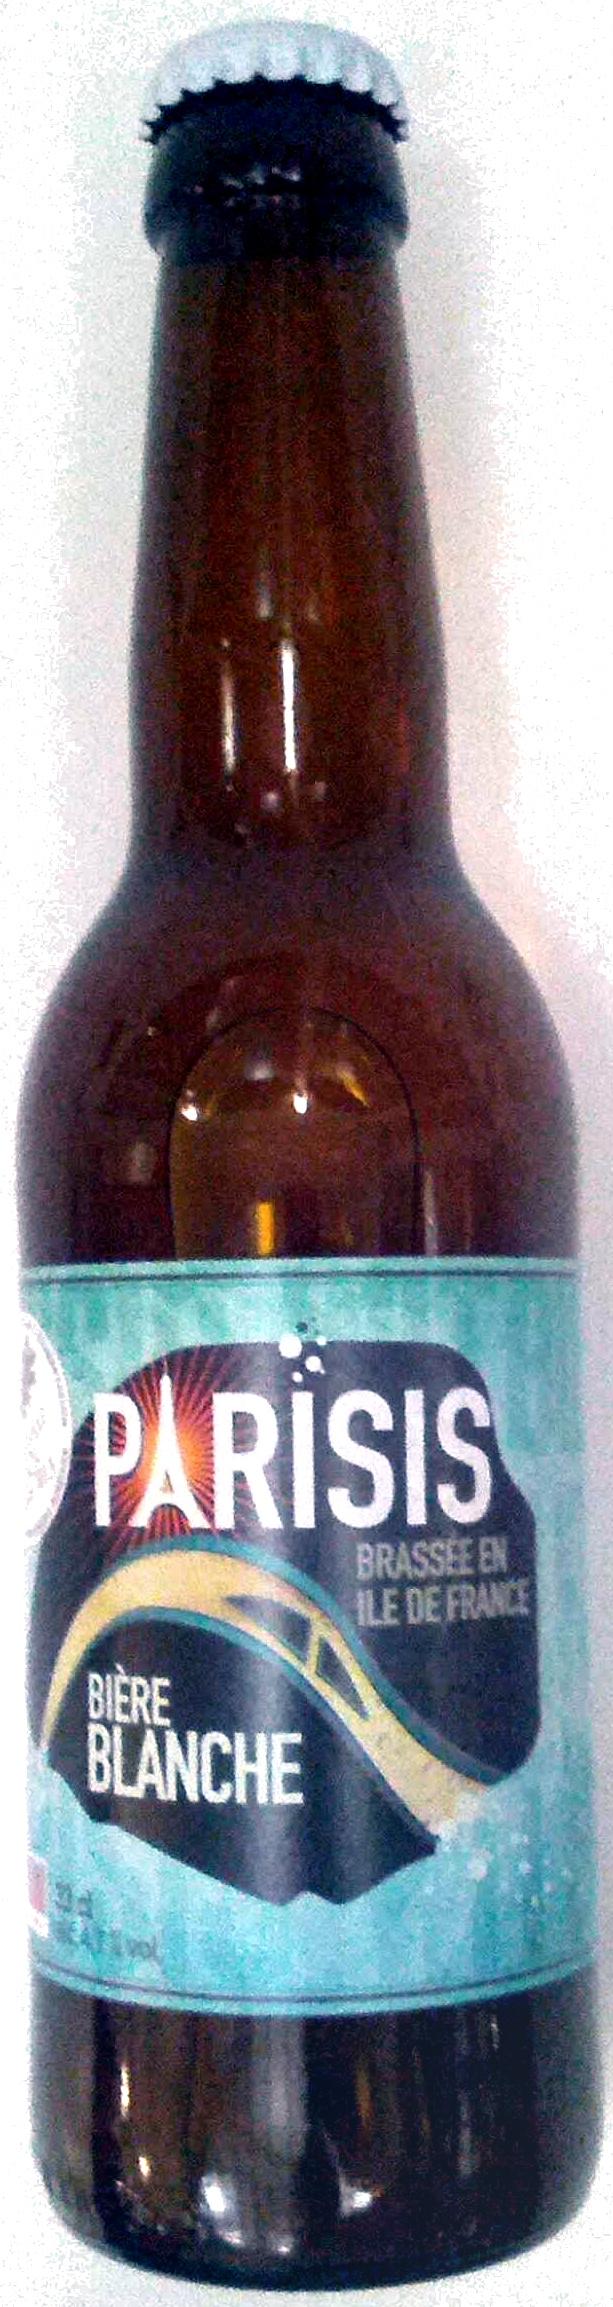 Parisis Bière Blanche - Product